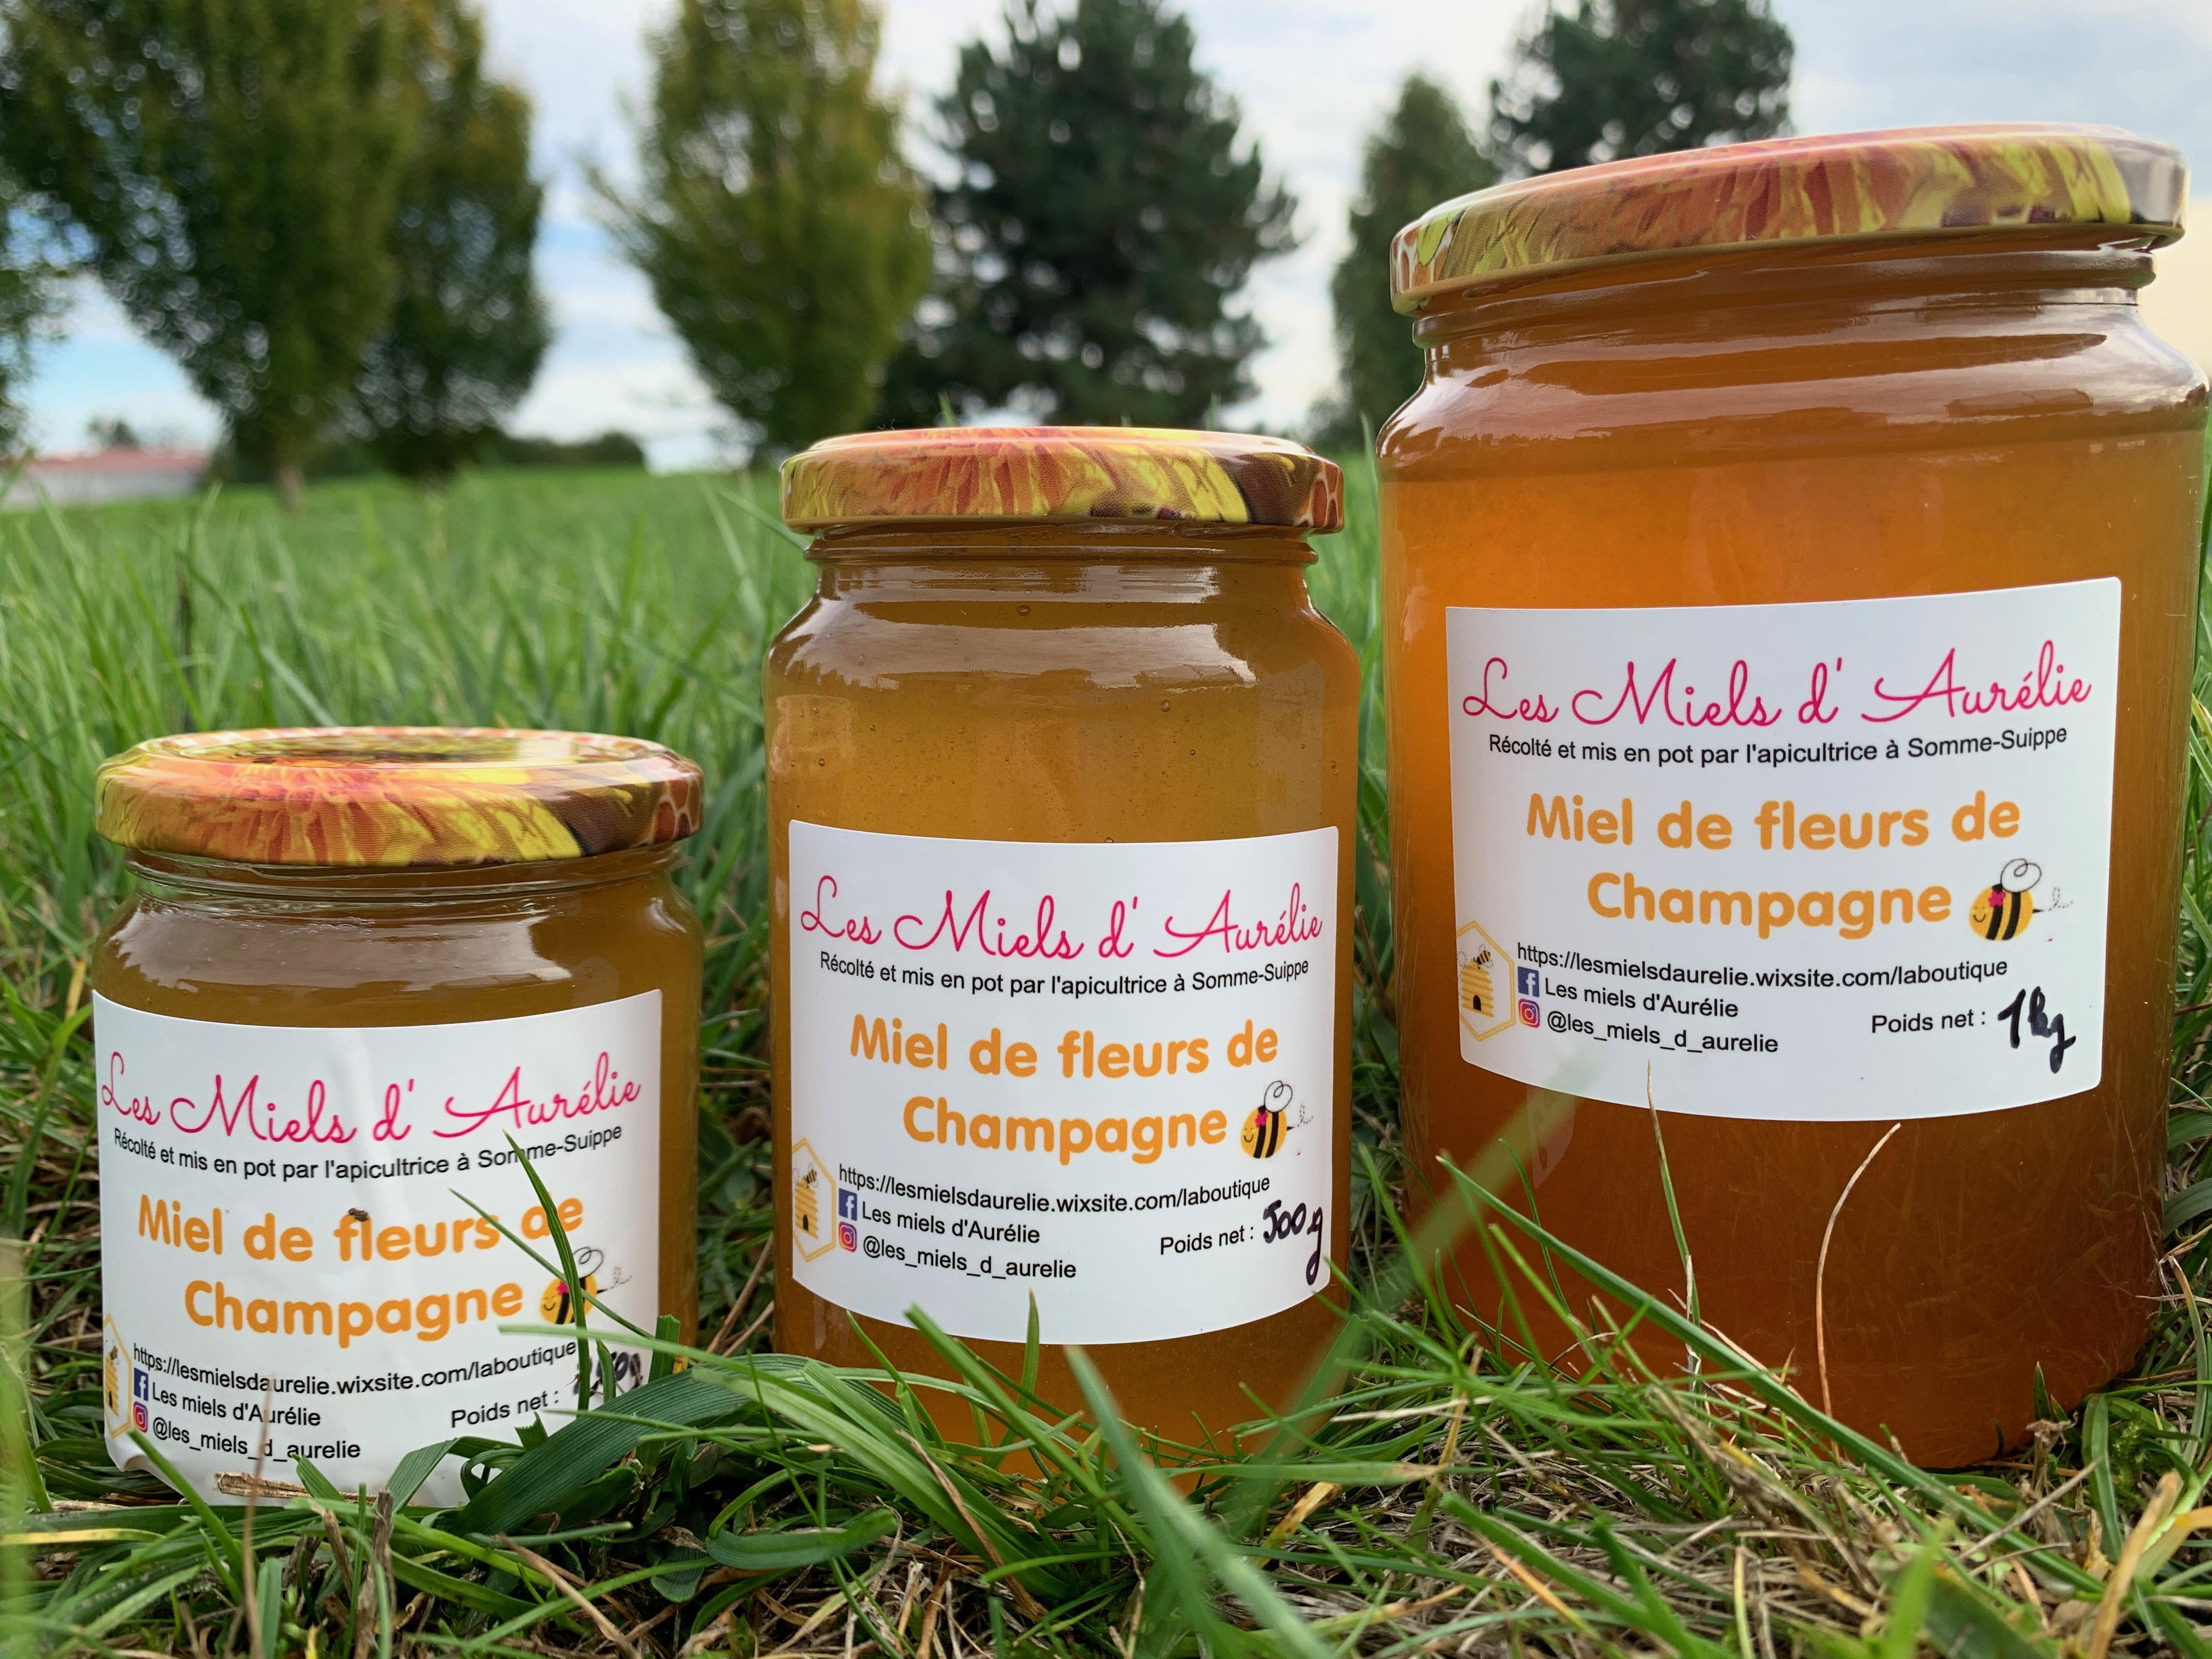 Les miels d'Aurélie